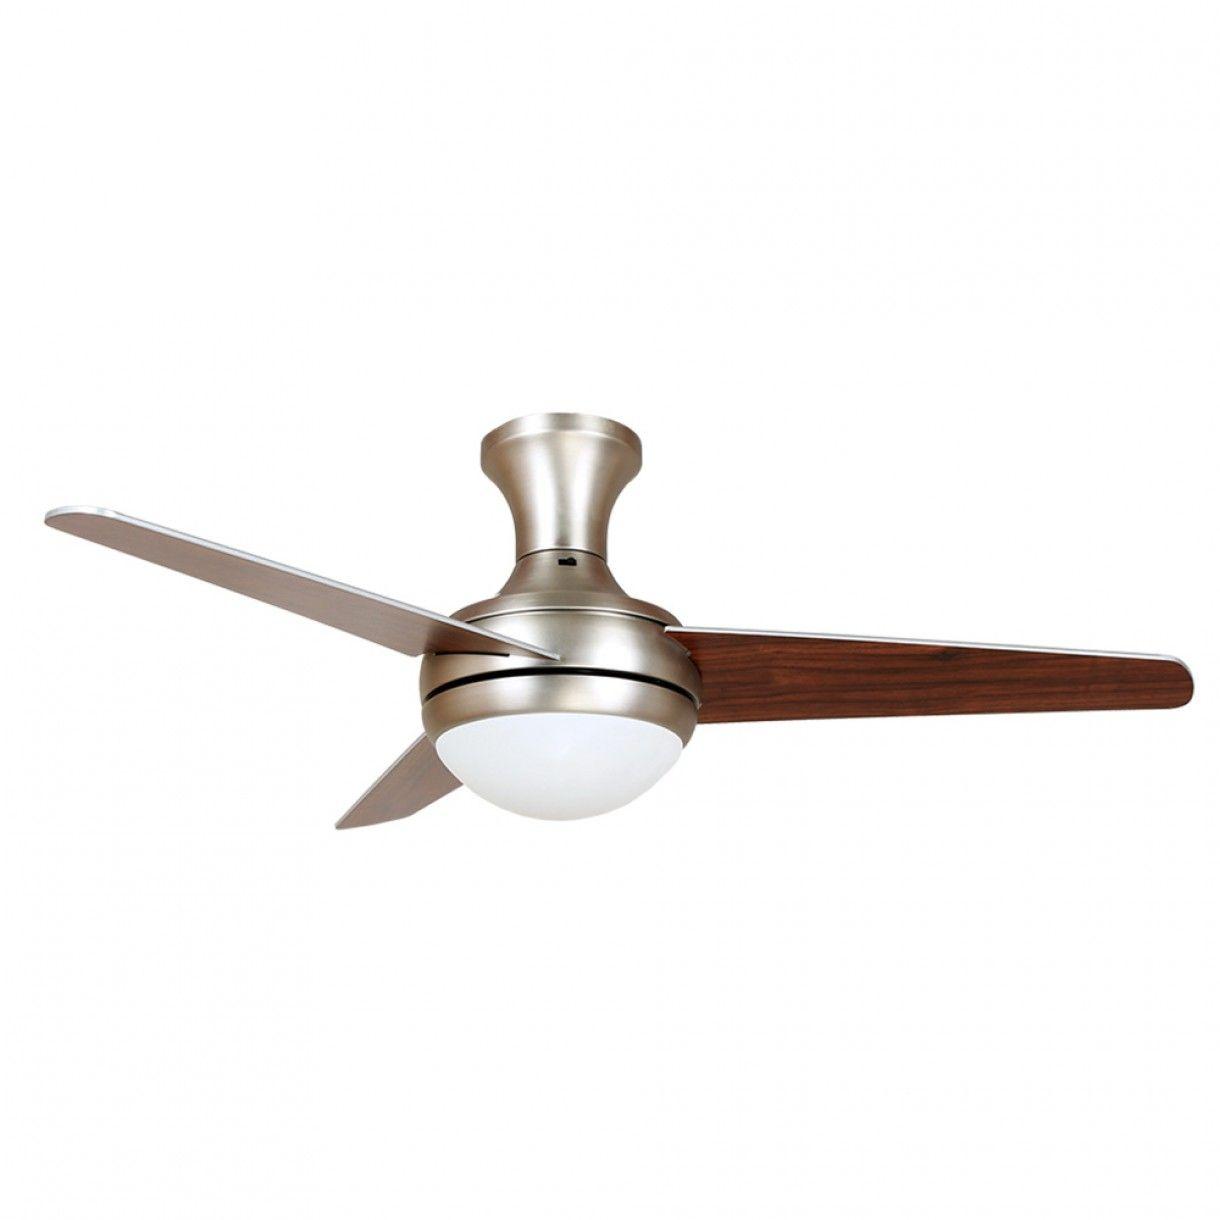 Sandridge Fan Matt Brushed Nickel With Silver Walnut Reversible Blades 112cm